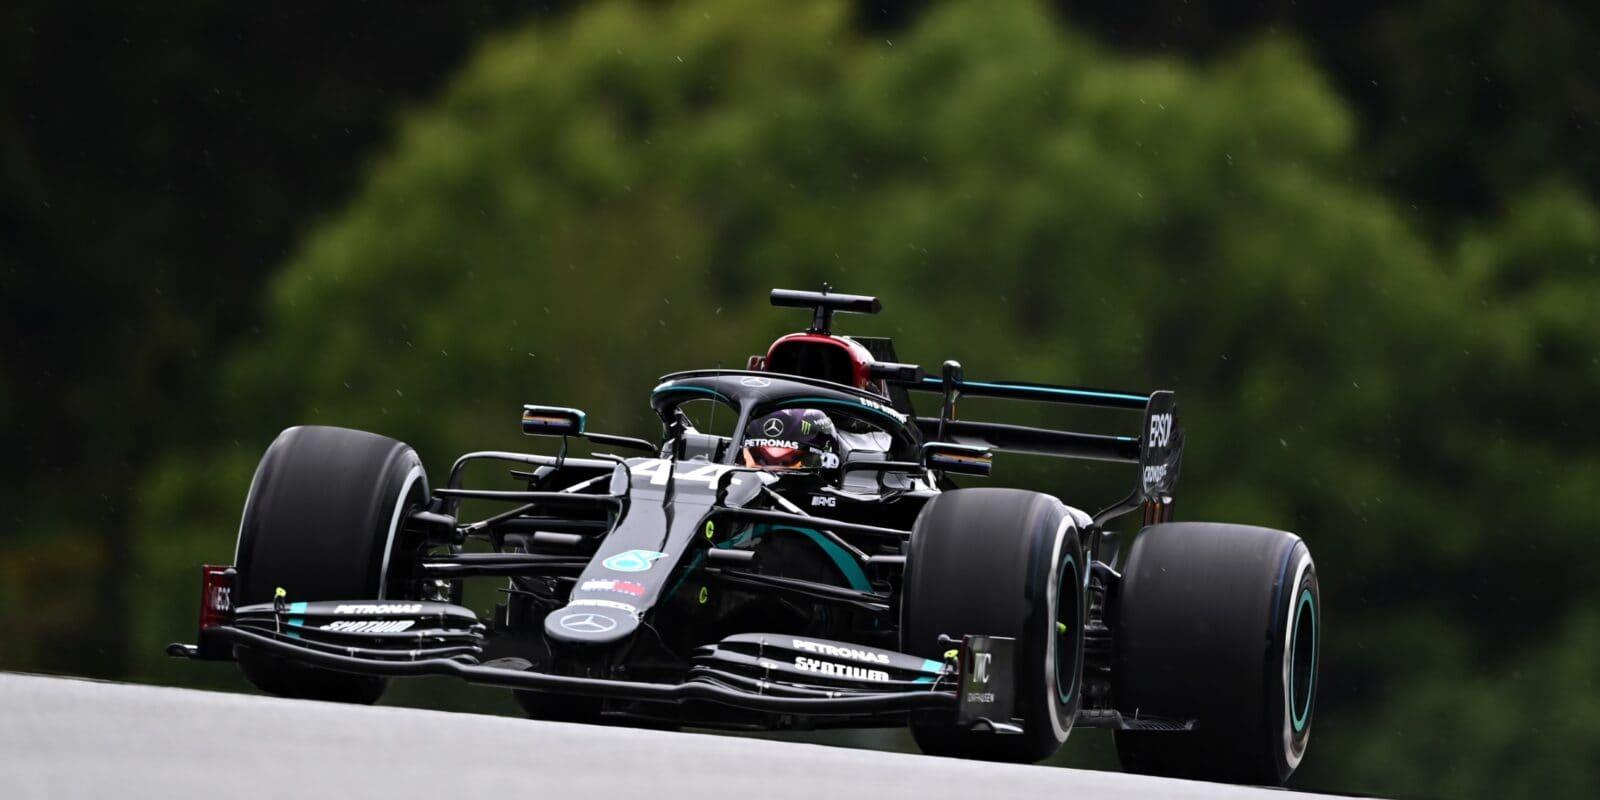 Hamiltonovi hrozila penalizace, zůstane však druhý